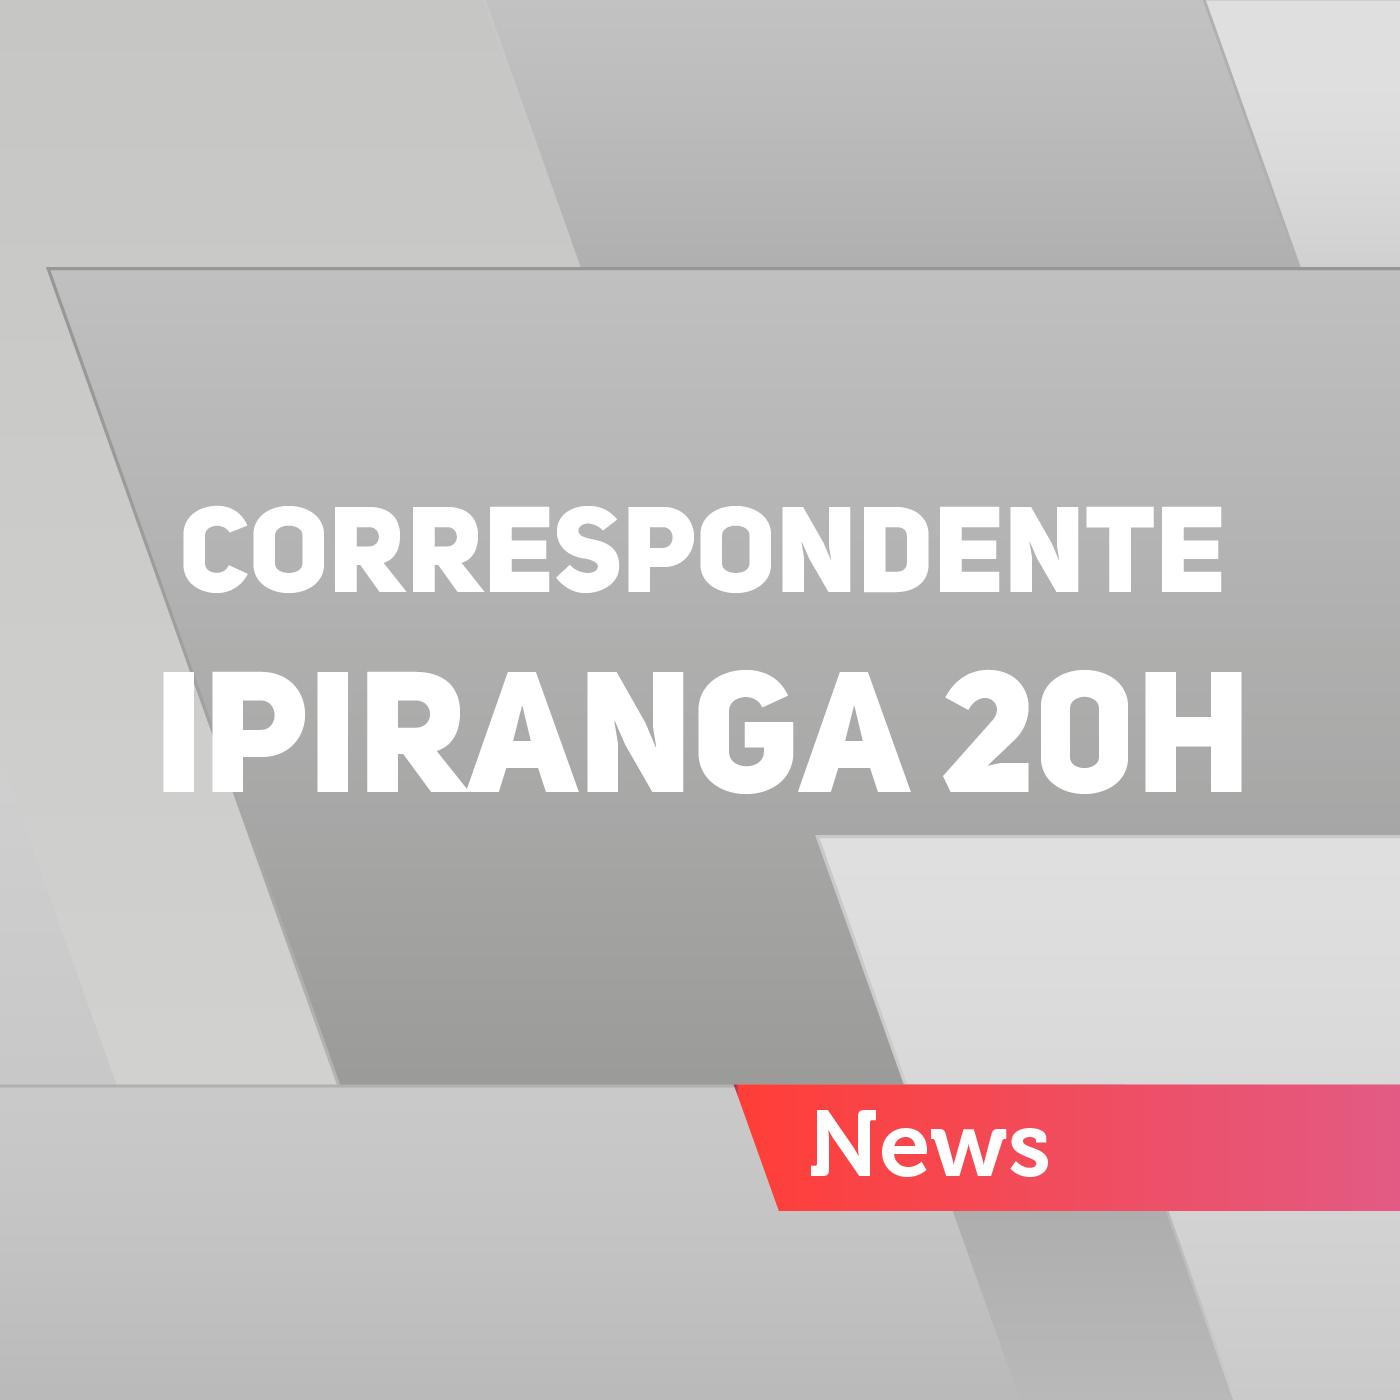 Correspondente Ipiranga 20h = 28/04/2017